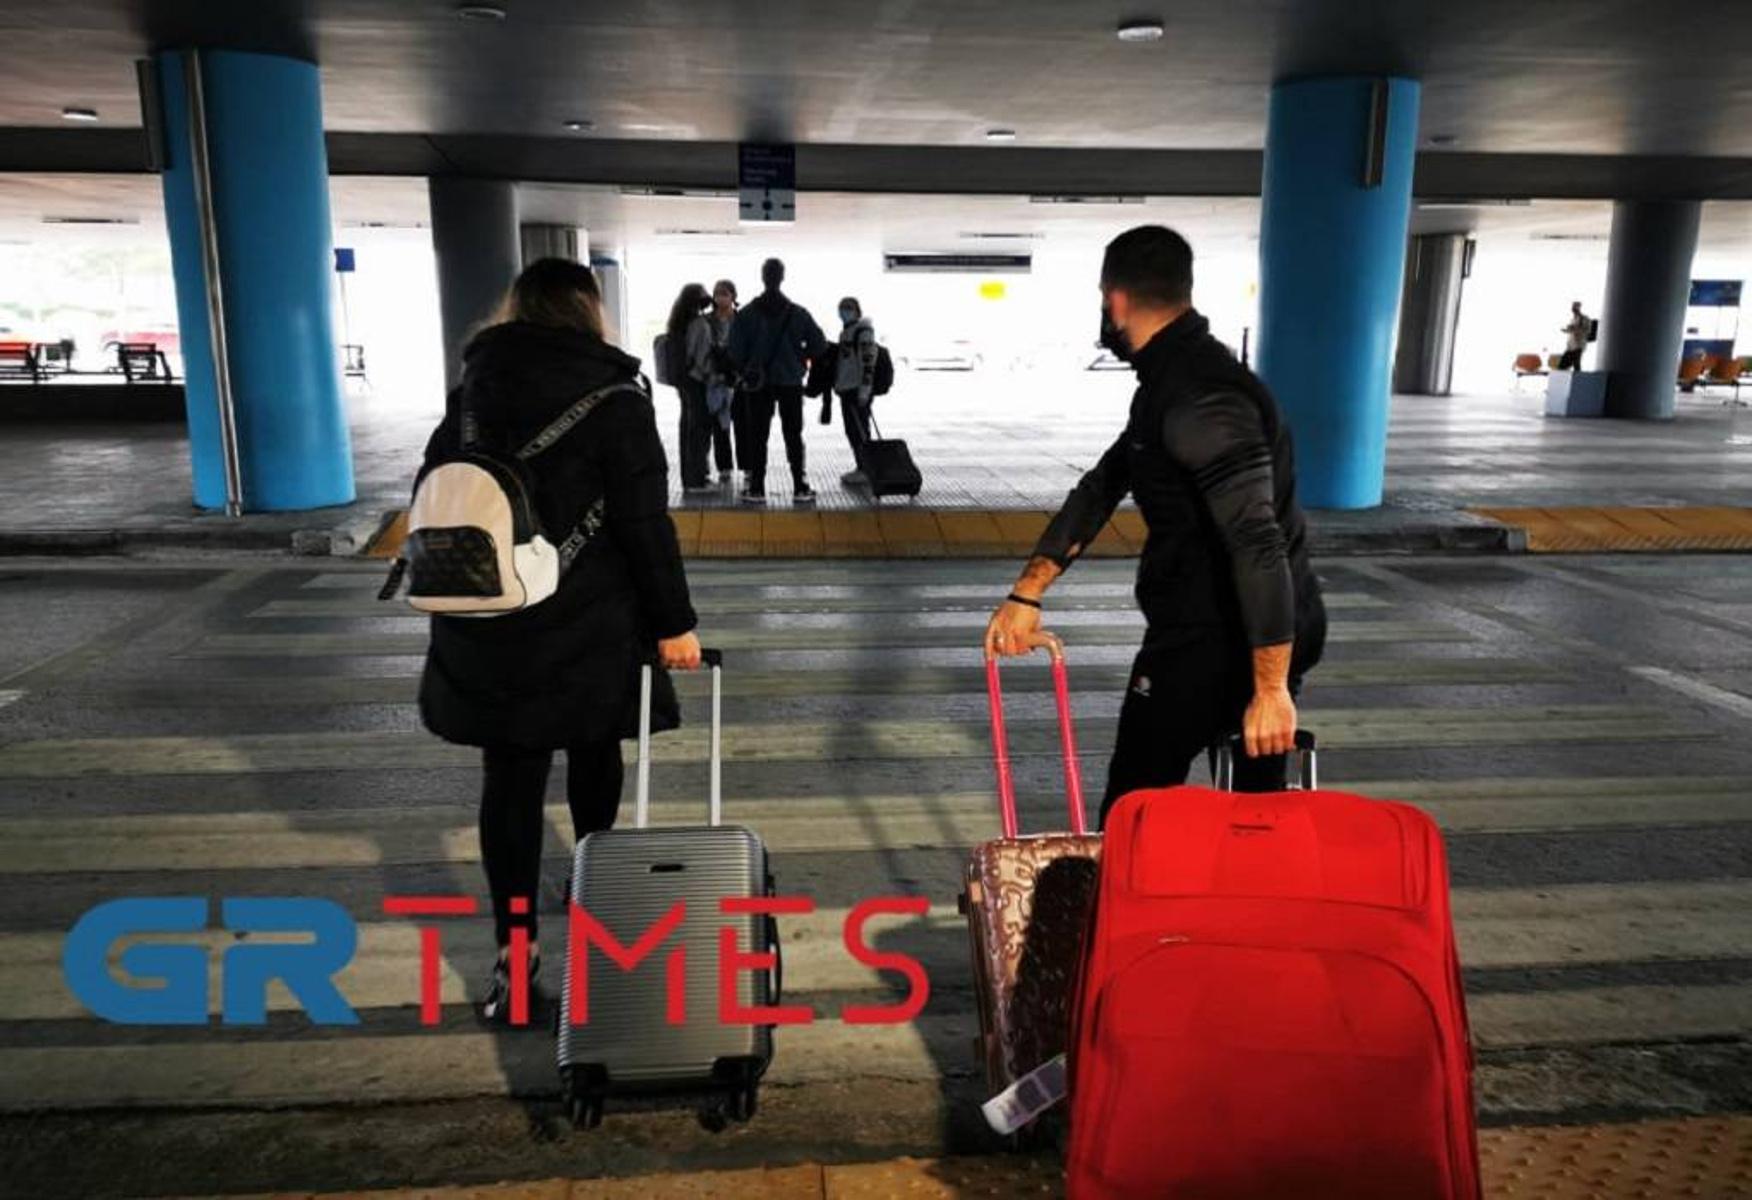 Θεσσαλονίκη: Τι λένε Έλληνες που επέστρεψαν από το Λονδίνο – Μπαίνουν σε επταήμερη καραντίνα